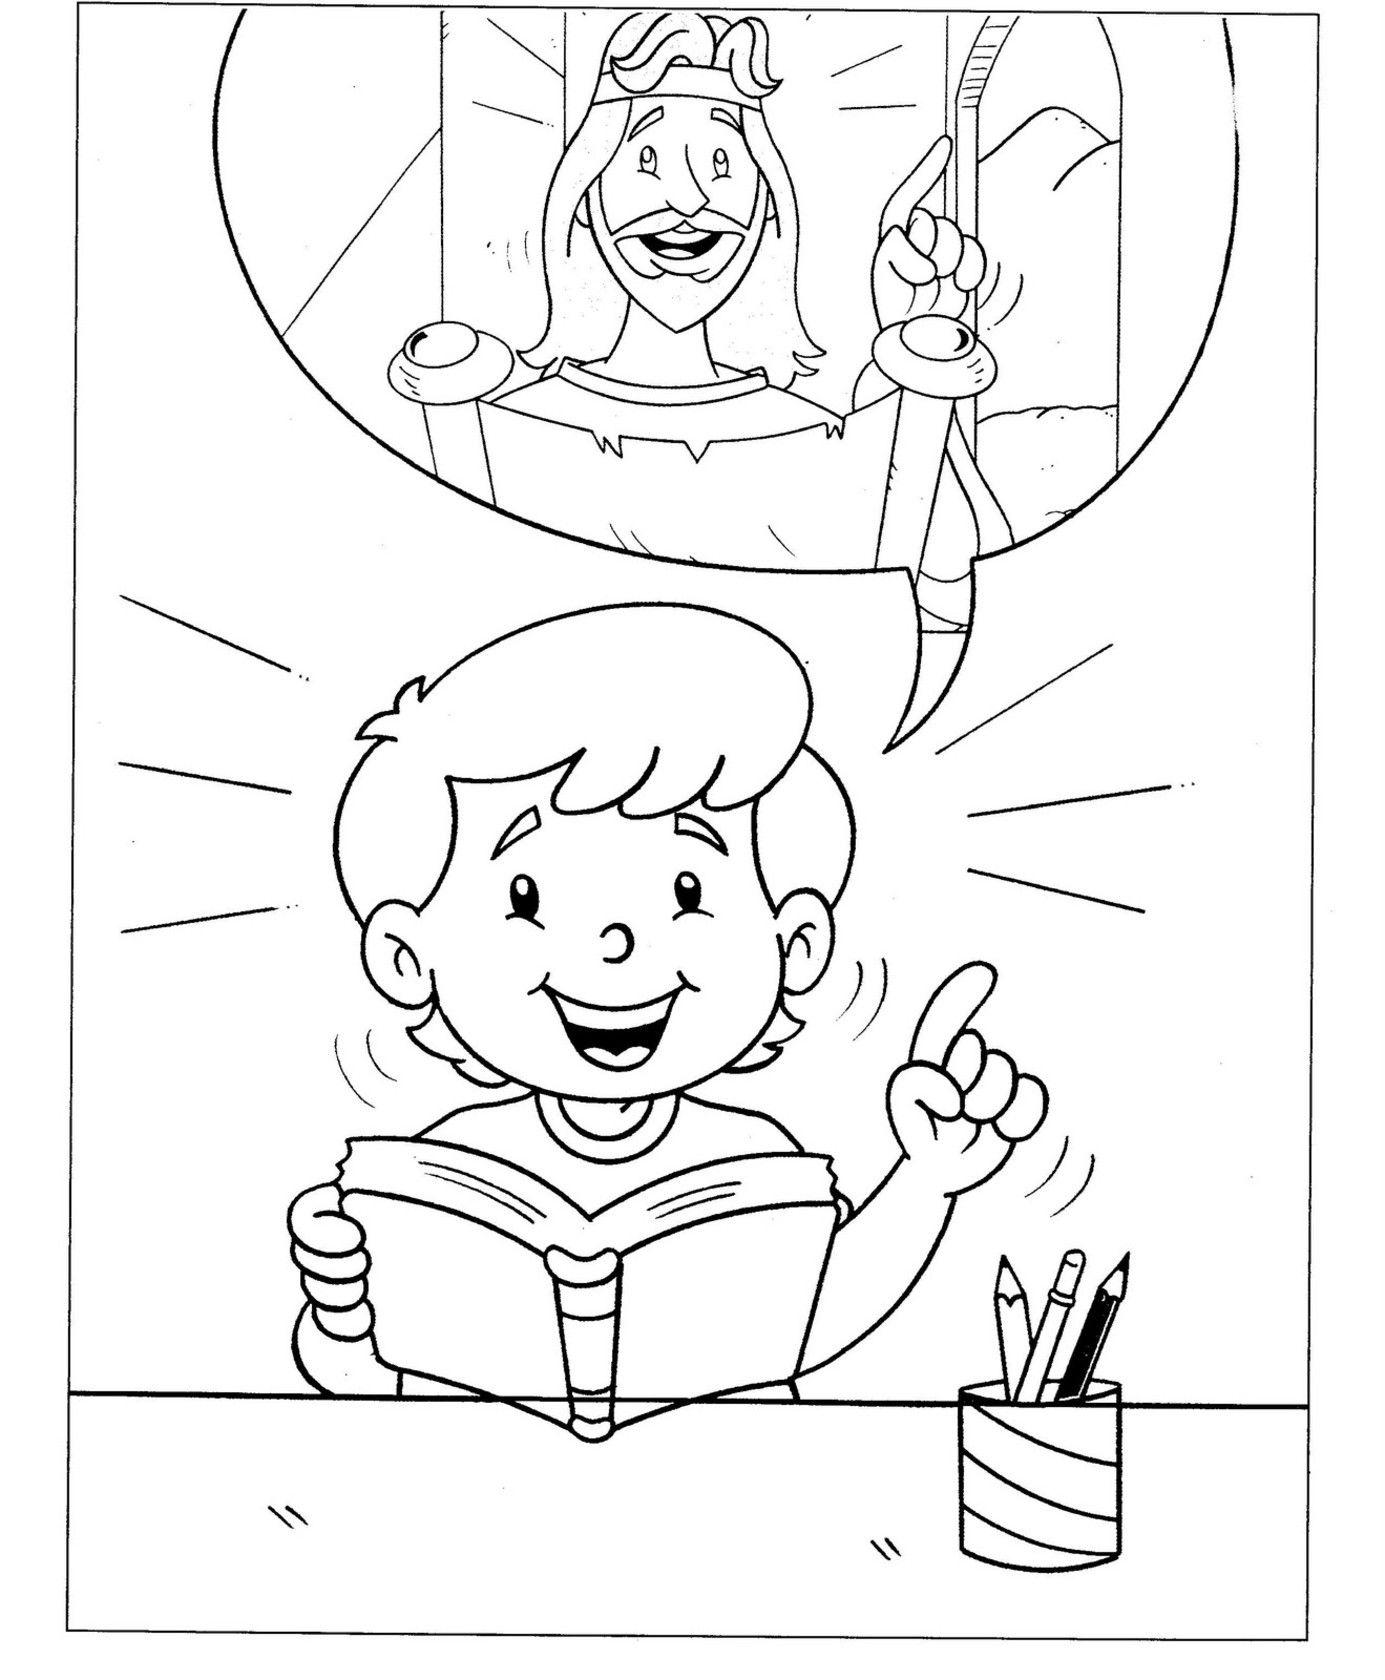 Único Imagenes Para Colorear Biblicas Para Niños | Colore Ar La Imagen